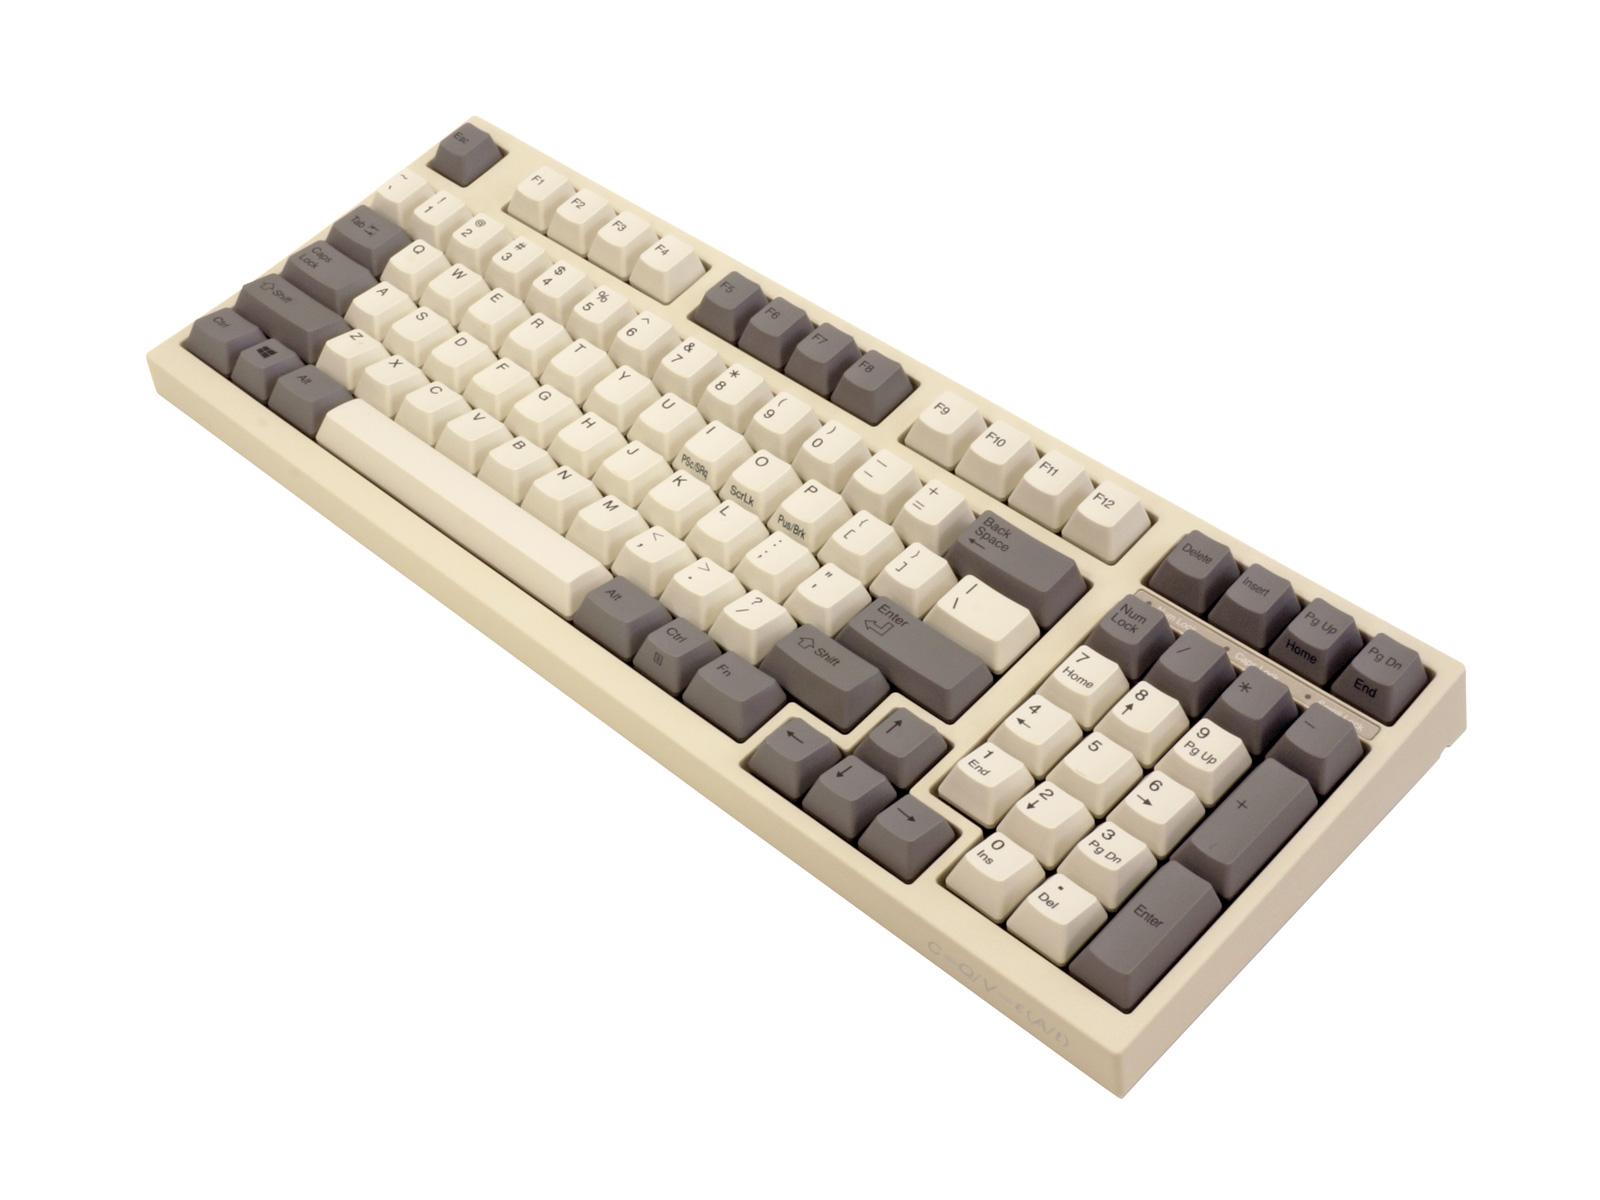 新品アウトレット(包装パッケージ破れ/未使用新品) LEOPOLD 98key Electrostatic Capacitive Compact Keyboard FC980C 白モデル FC980C/EW 英語ASCII配列 白・グレーキーキャップ 昇華印刷